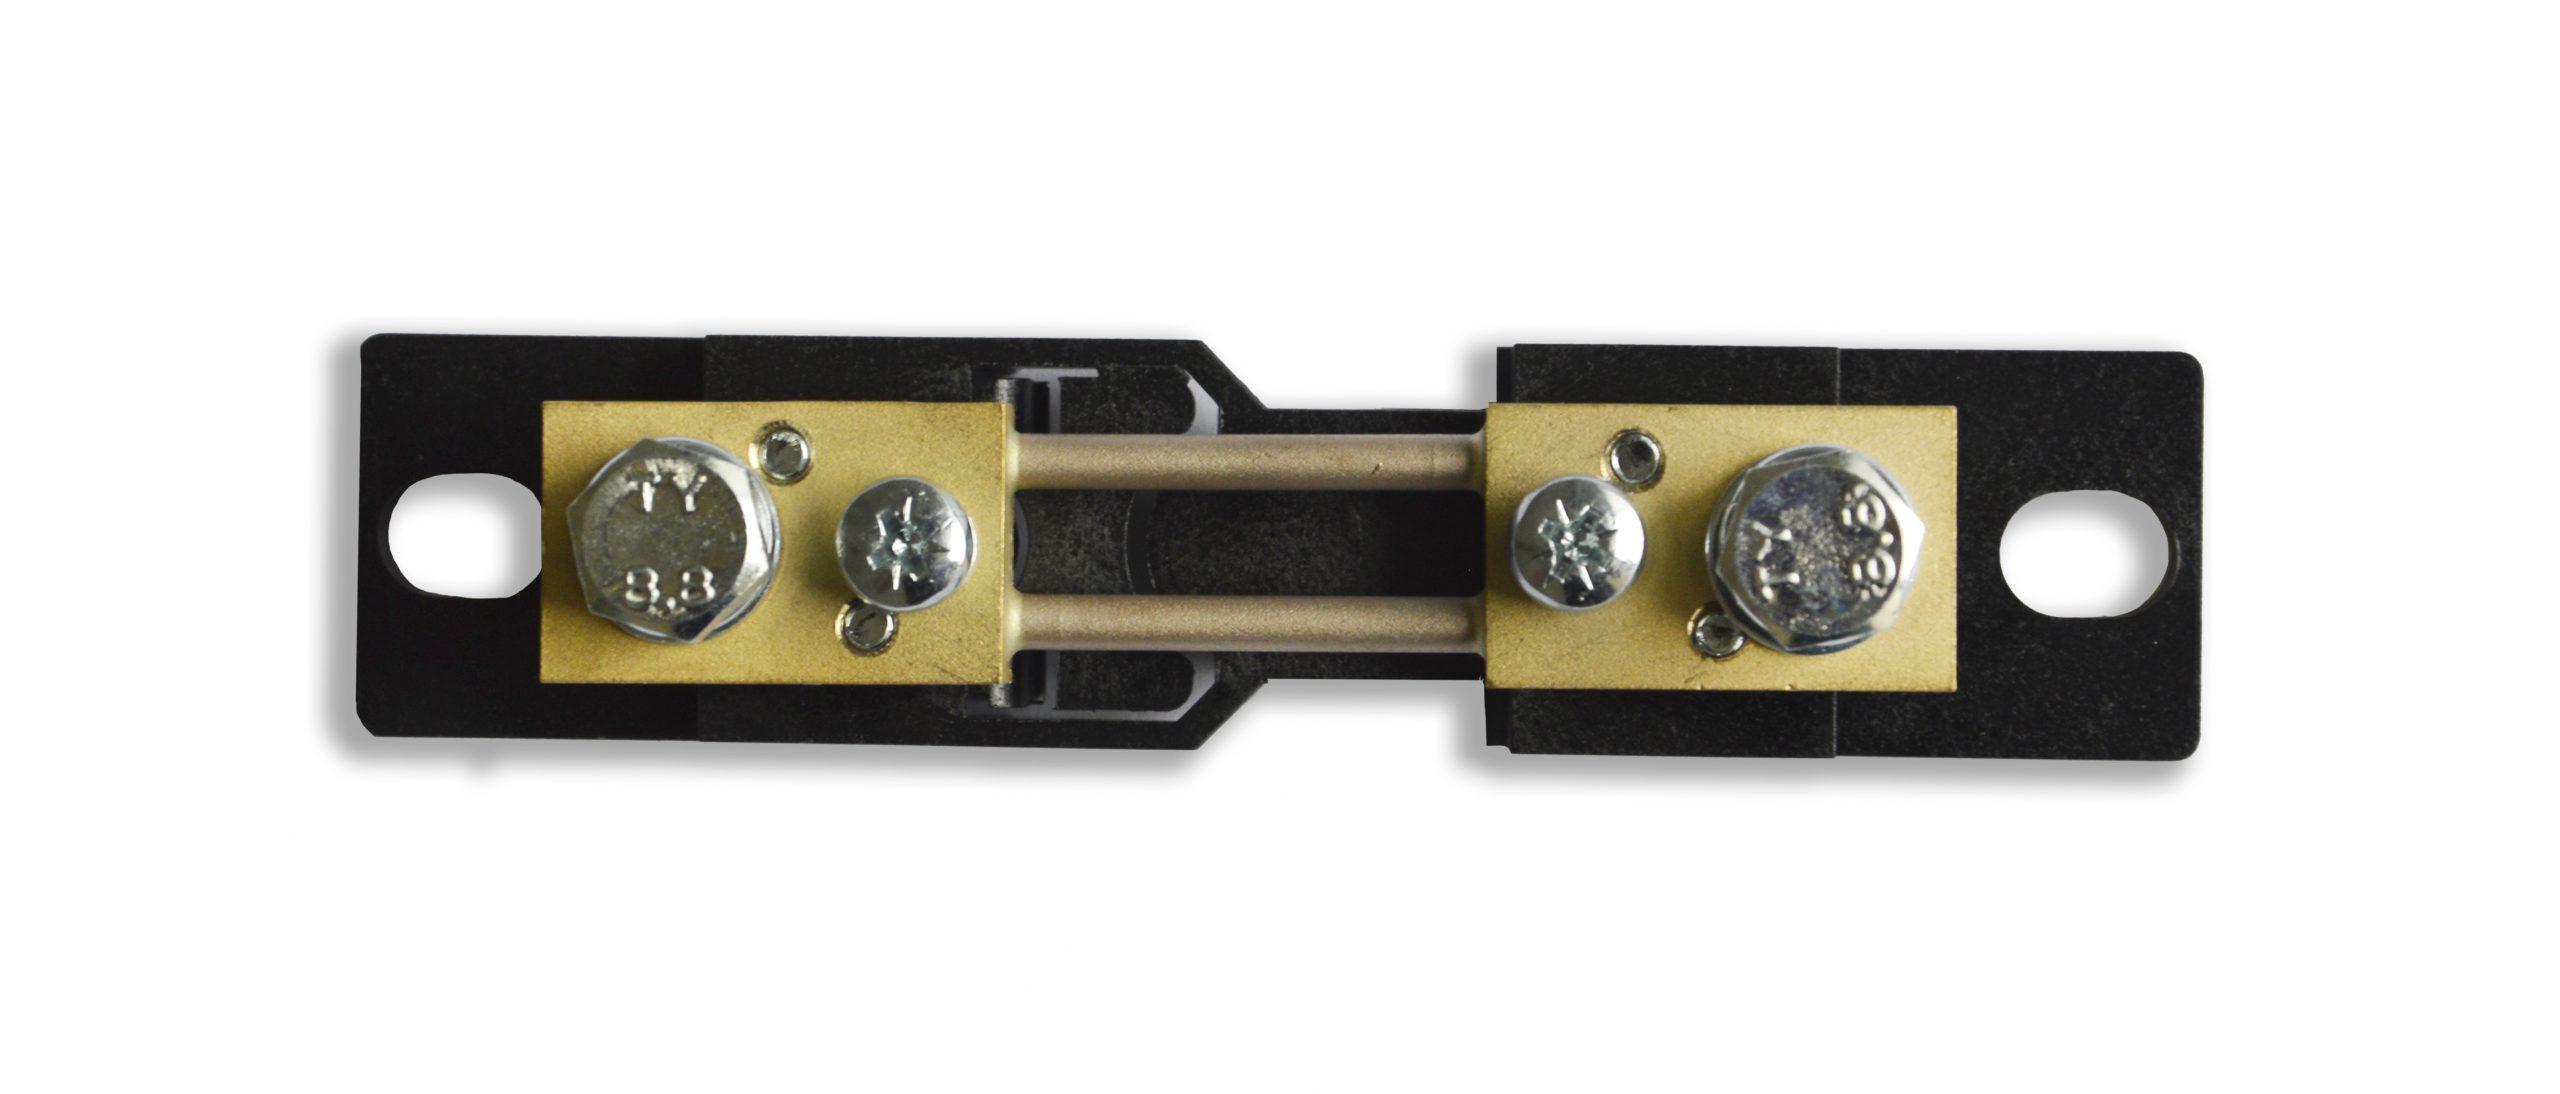 Bočník 40A/60mV; 60A/60mV; 100A/60mV; 150A/60mV s/bez izolační podložky